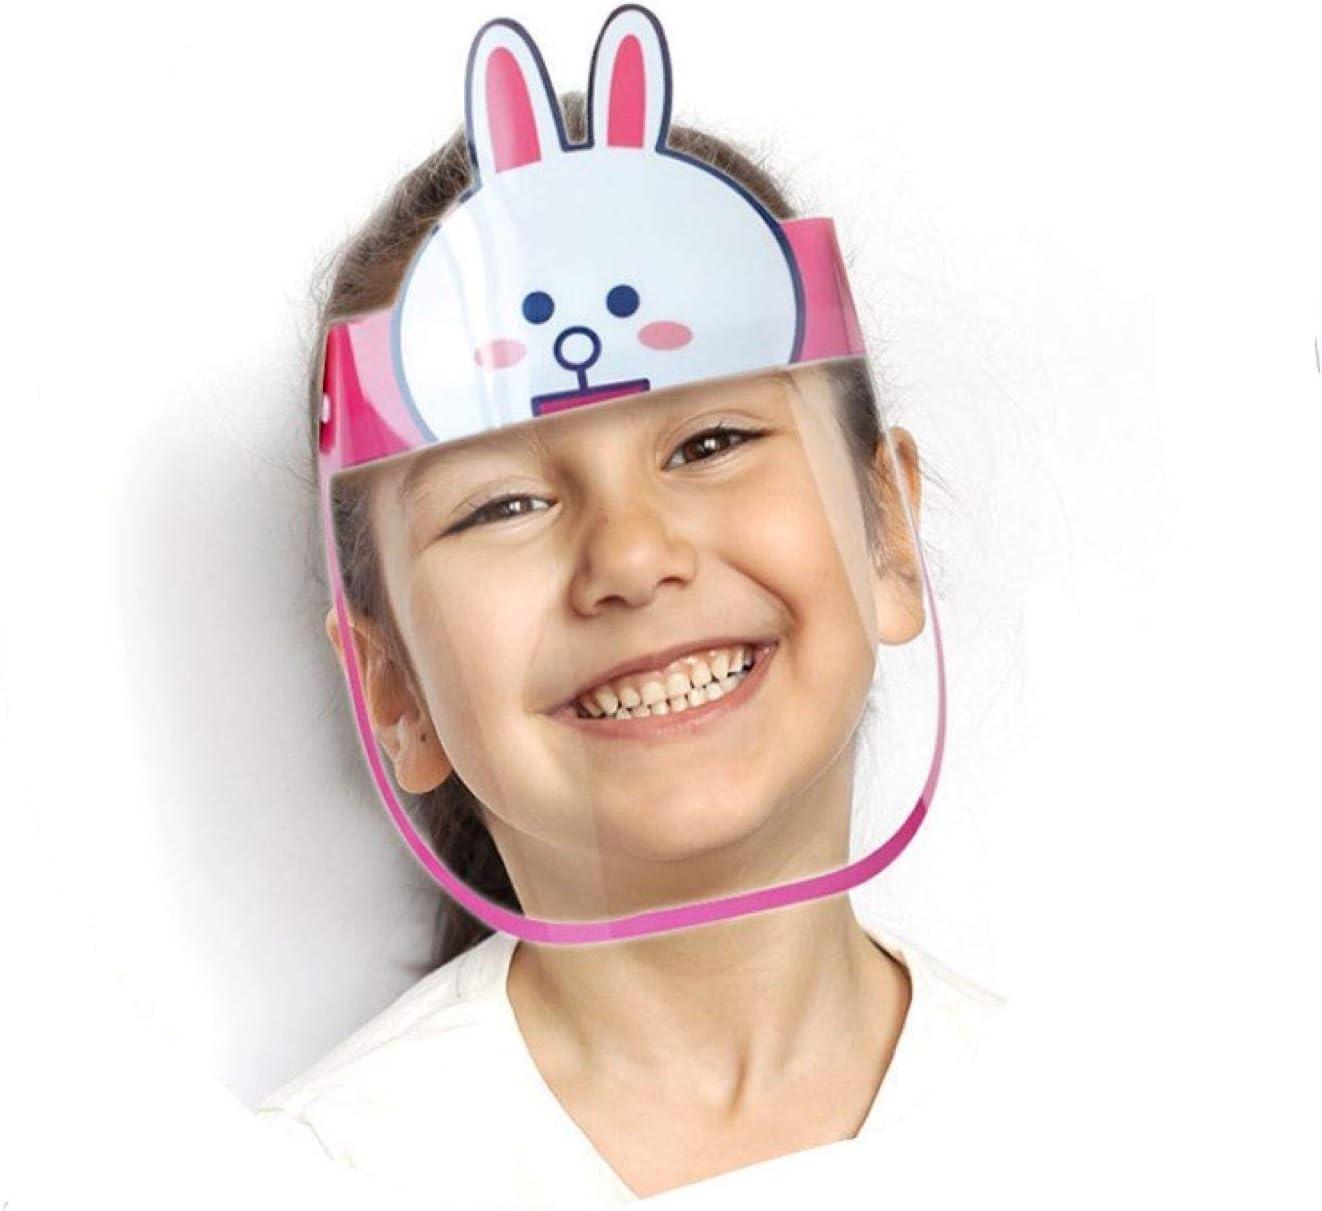 Gesichtsschutz Plexiglas f/ür Kinder Mundschutz f/ür Kinder Gesichtsschild f/ür Kinder braun - B/är Schutzschild Kinder Visier aus Kunststoff